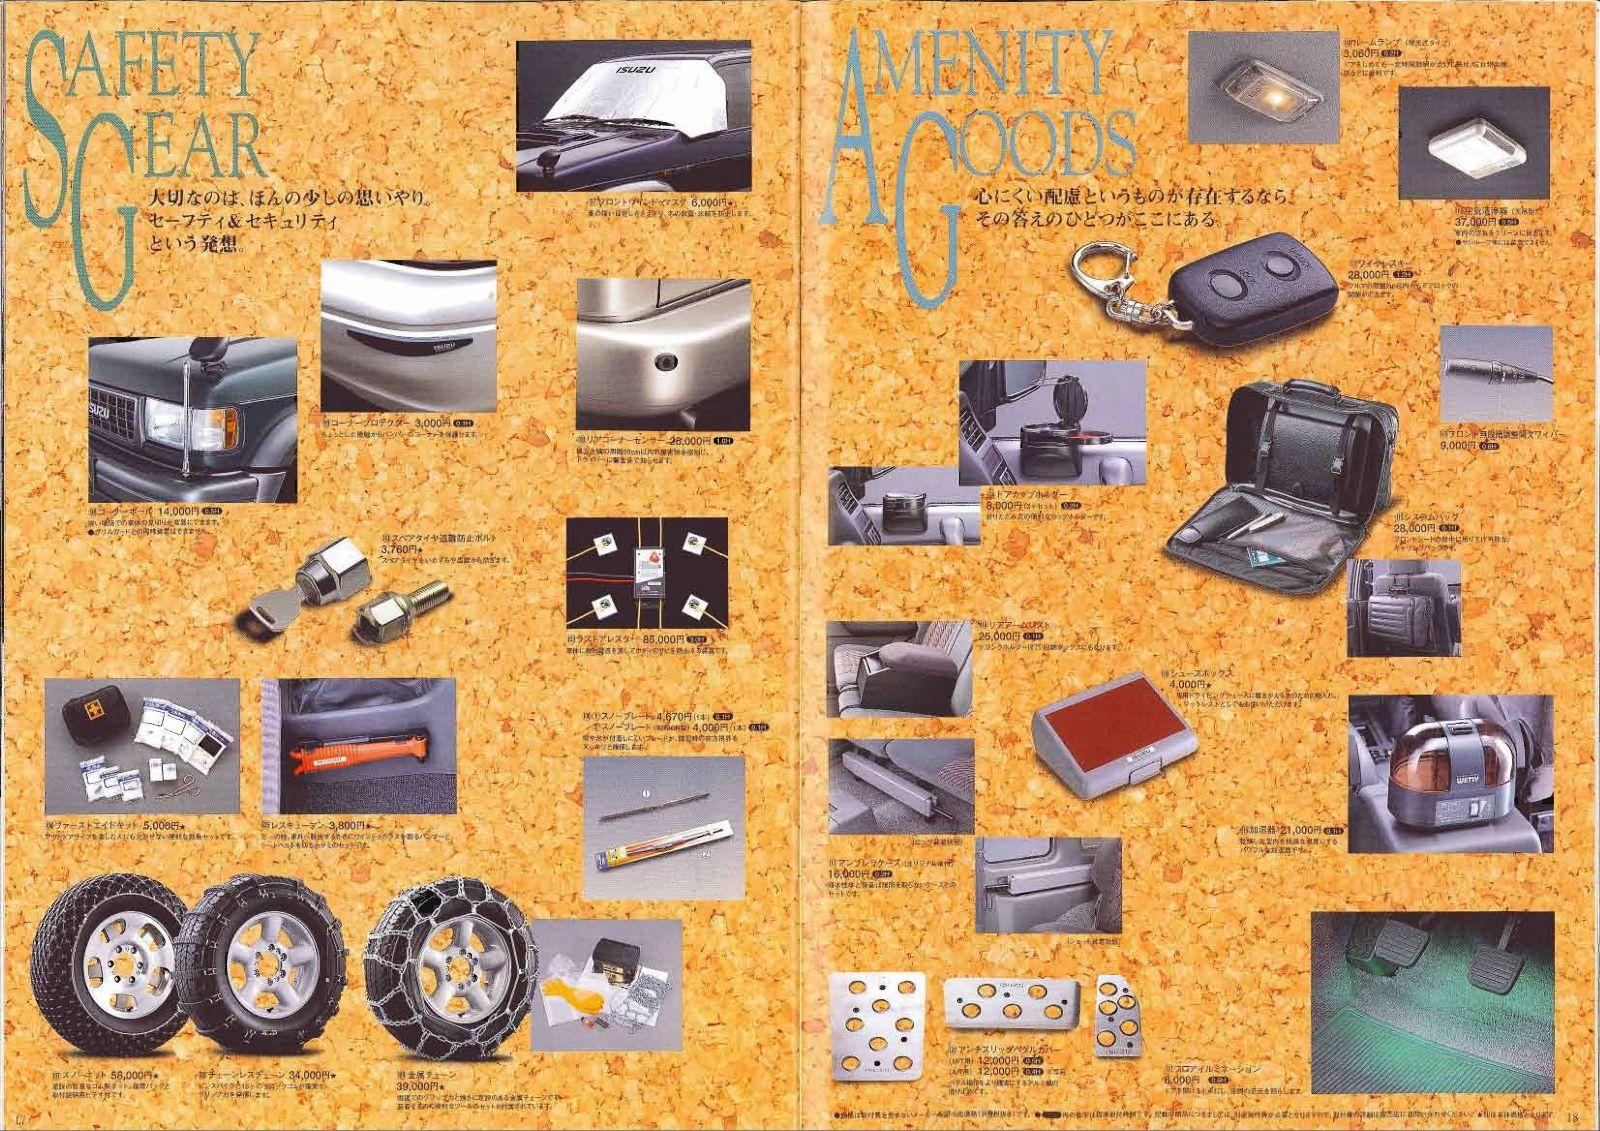 Bighorn accessories 1995_Page10.jpg